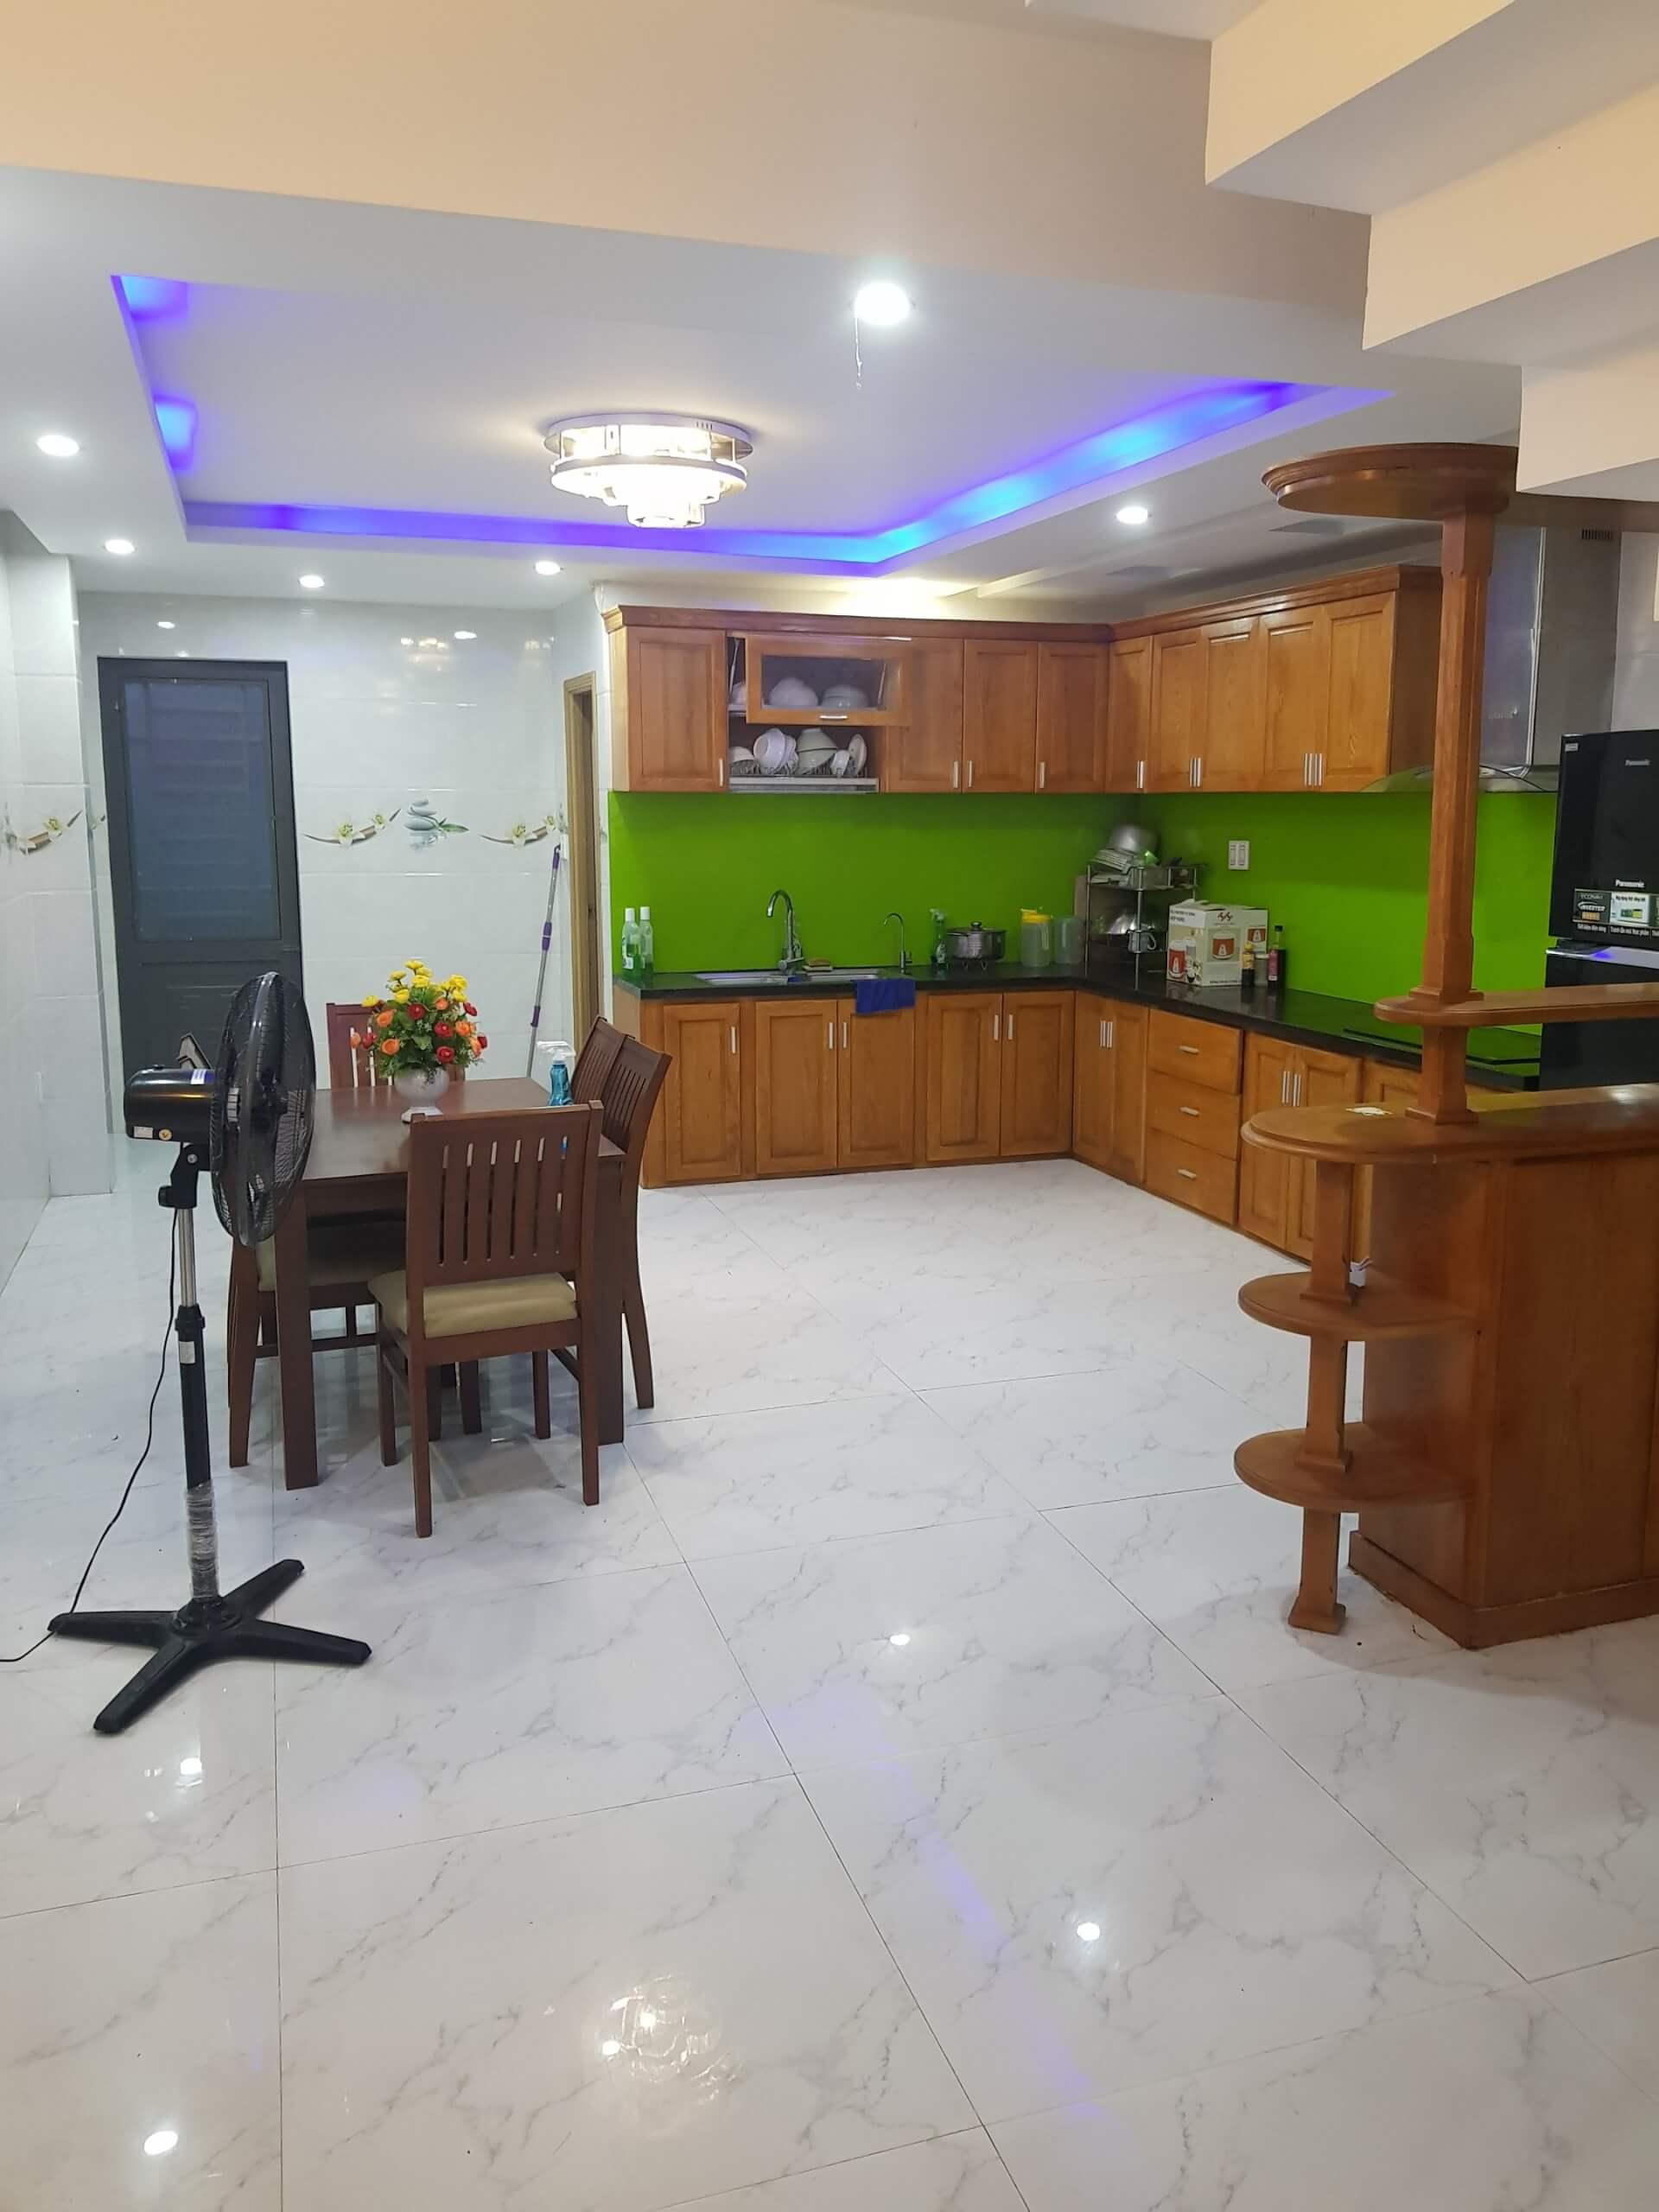 phòng bếp nhà đường Đoàn Khuê - Ngũ Hành Sơn - Đà Nẵng